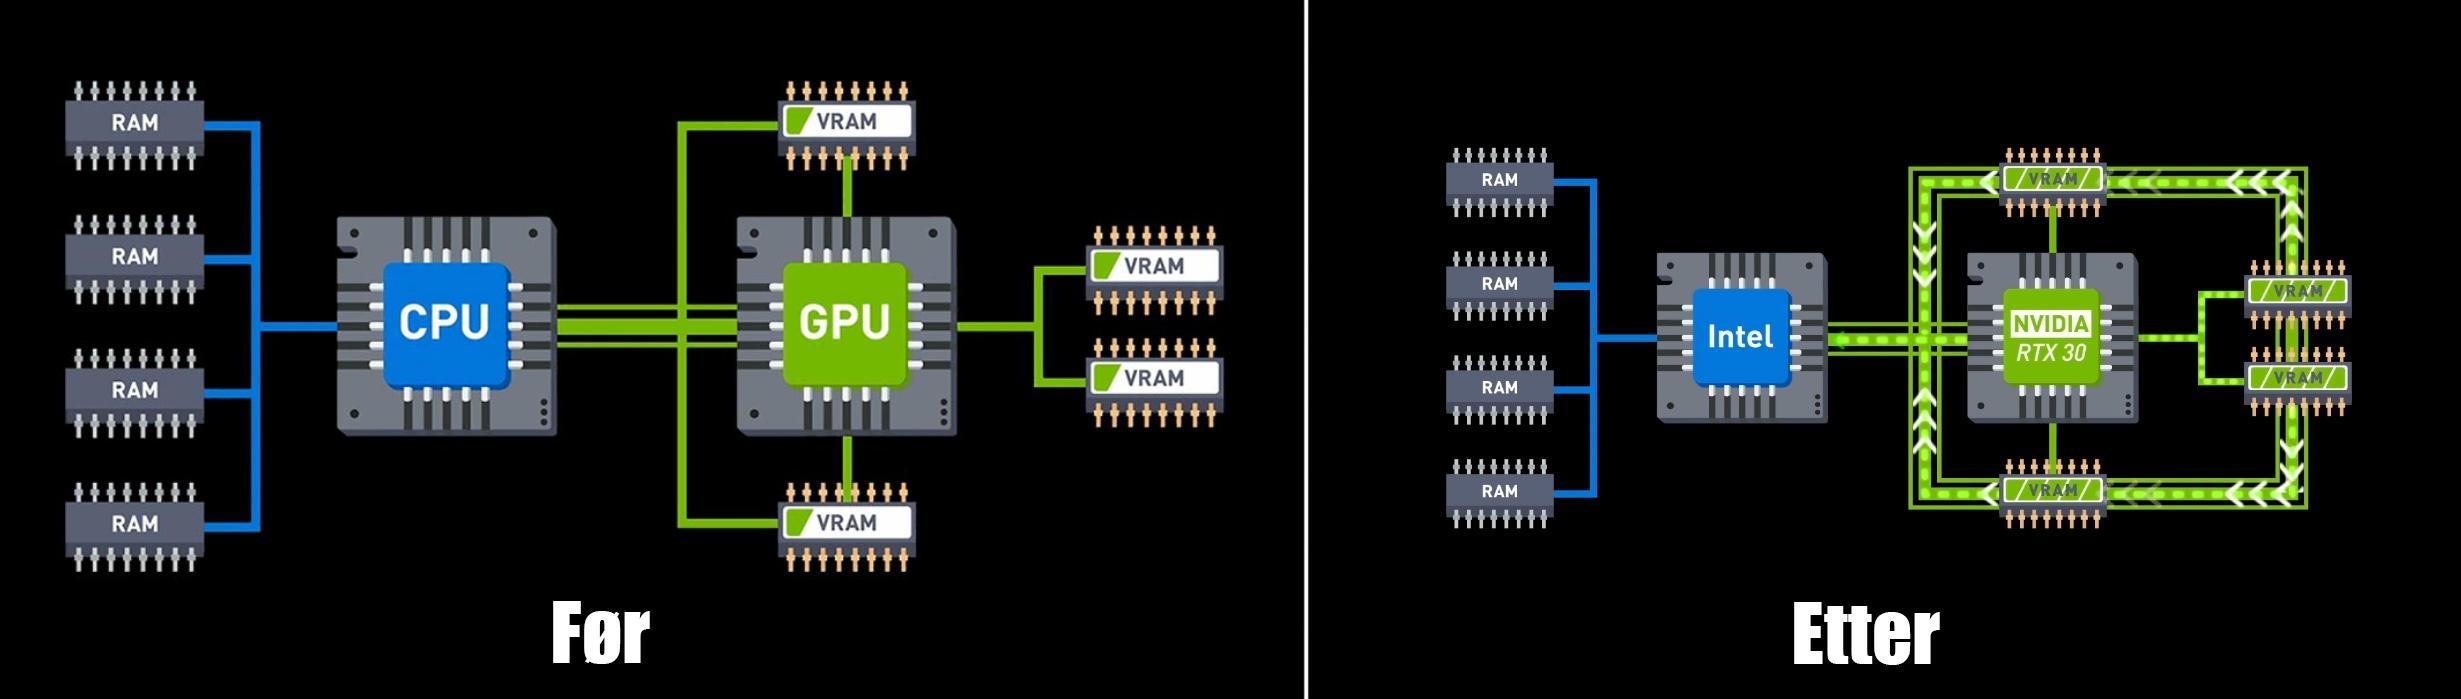 Her har MSI forsøkt å illustrere hvordan informasjon flyttes mellom prosessor (CPU) og grafikkort (GPU) før og etter ReBAR er aktivert.